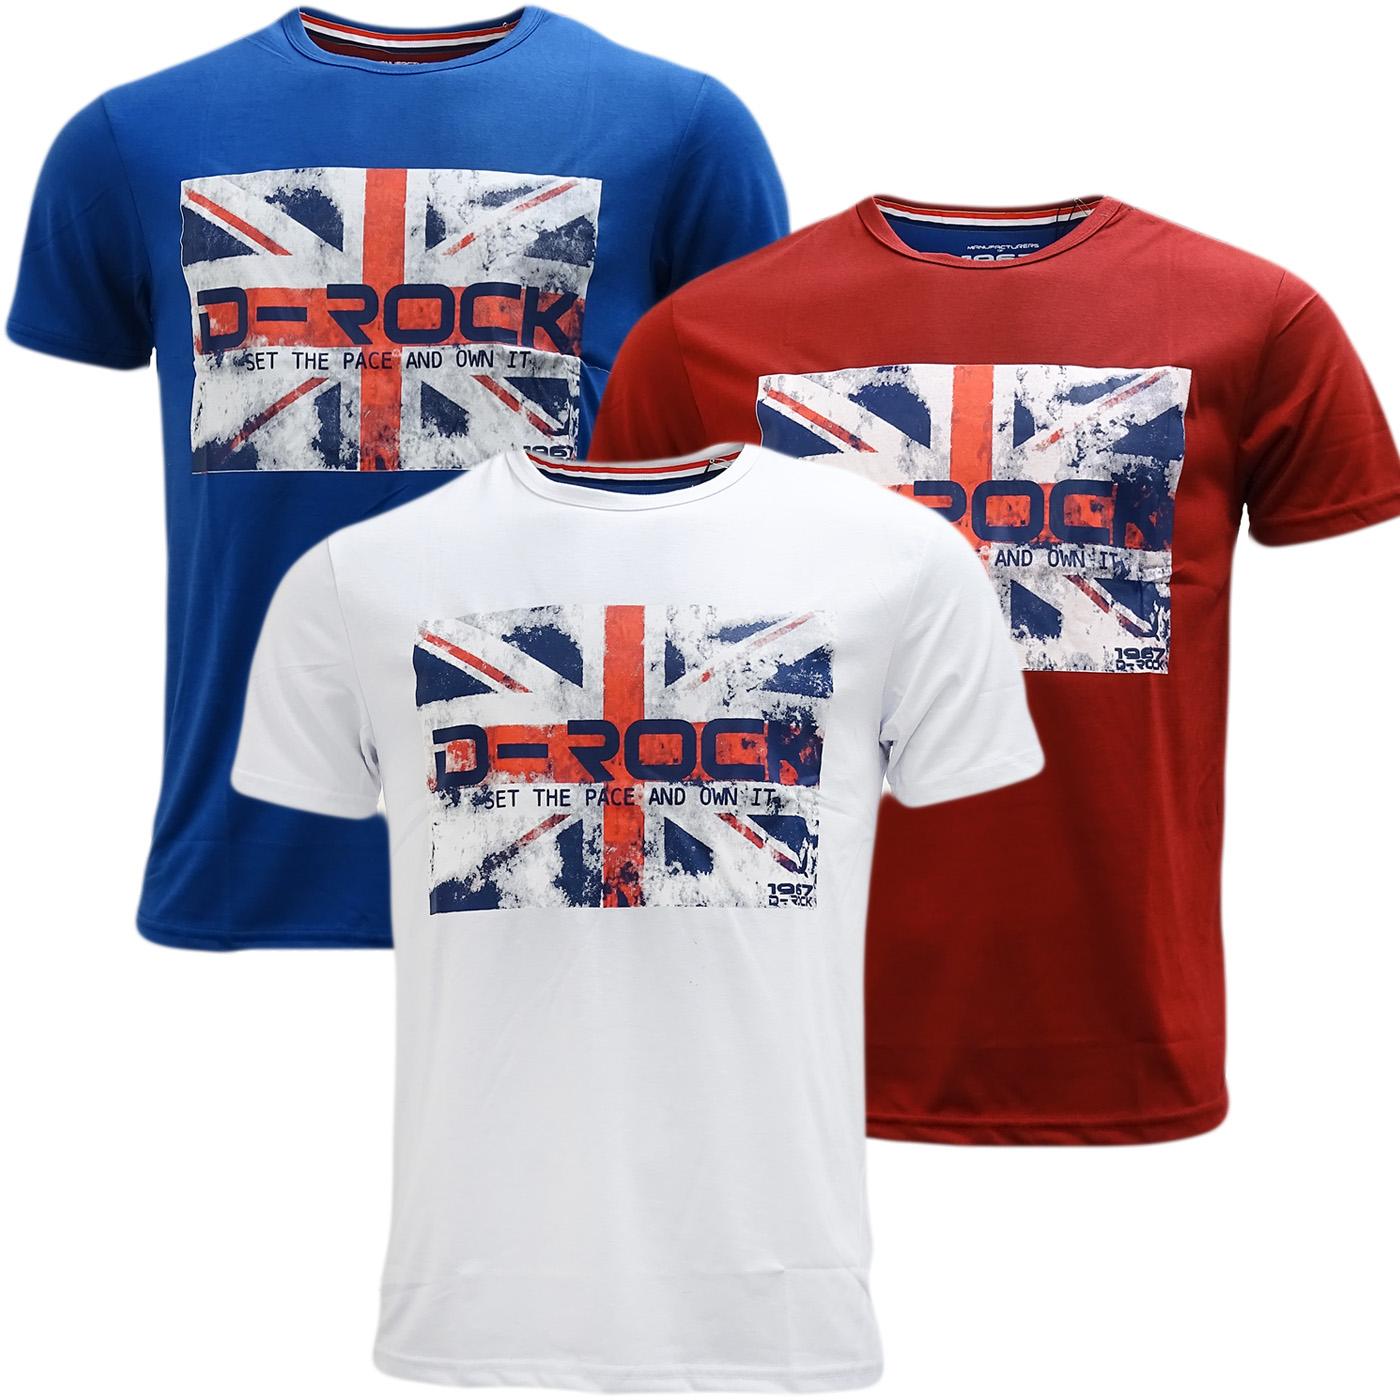 D Rock Union Jack T-Shirt - 1991